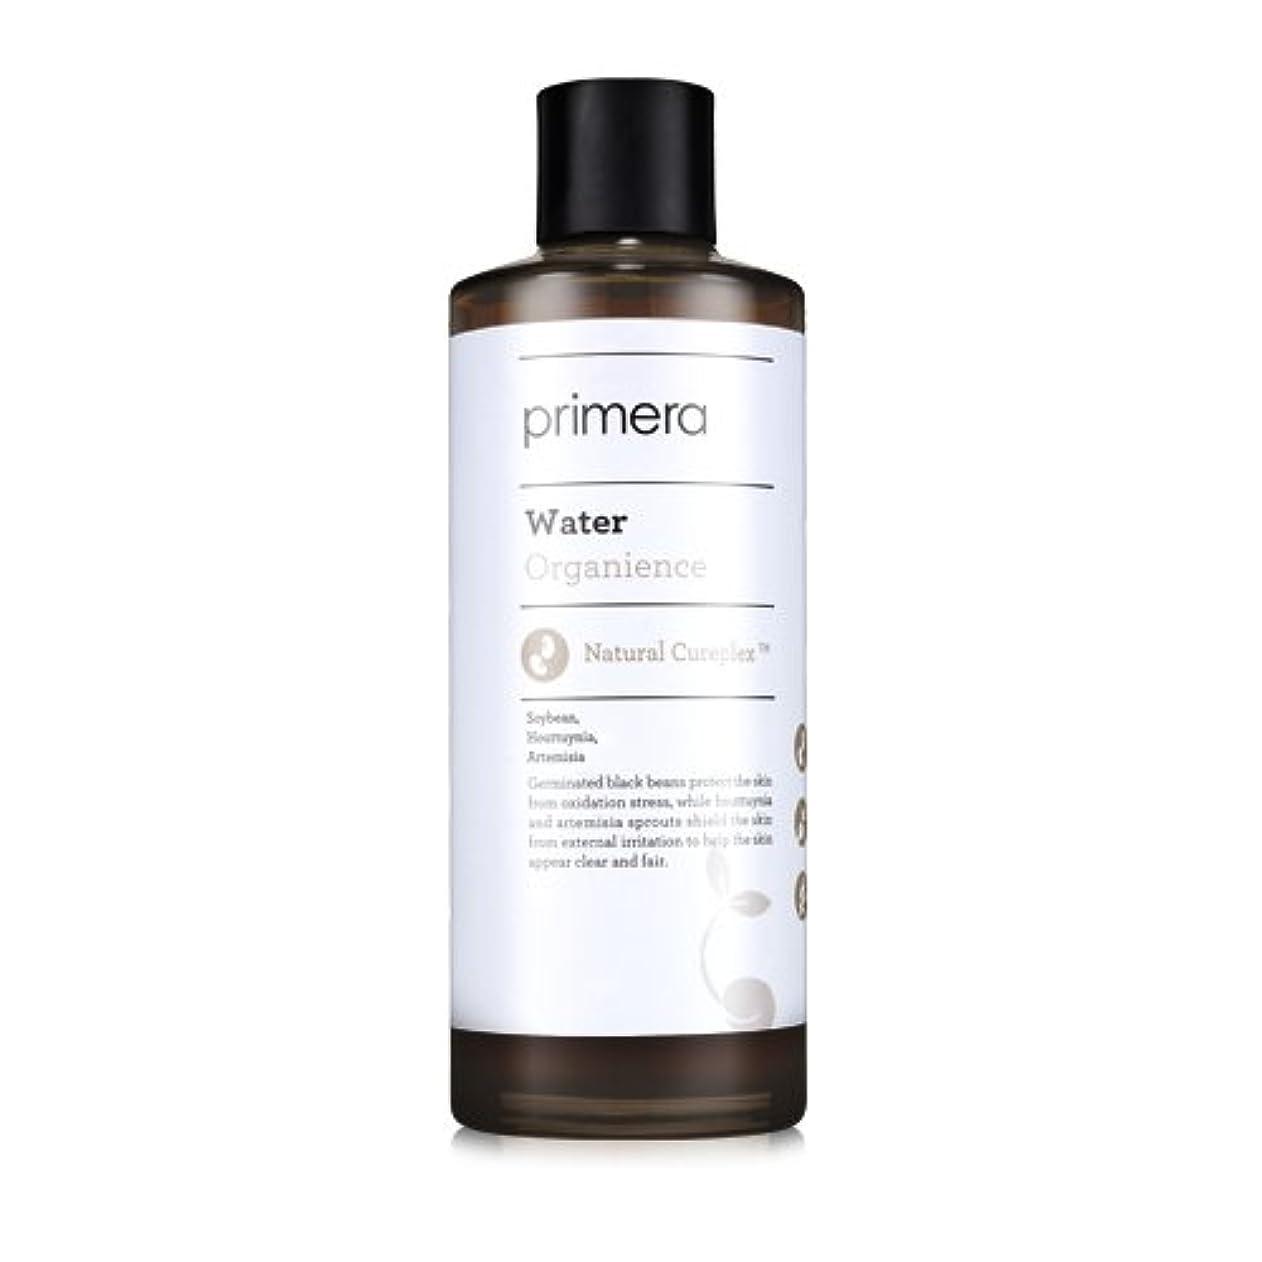 シングル森ゴージャスPRIMERA プリメラ オーガニエンス ウォーター(Organience Water)化粧水 180ml